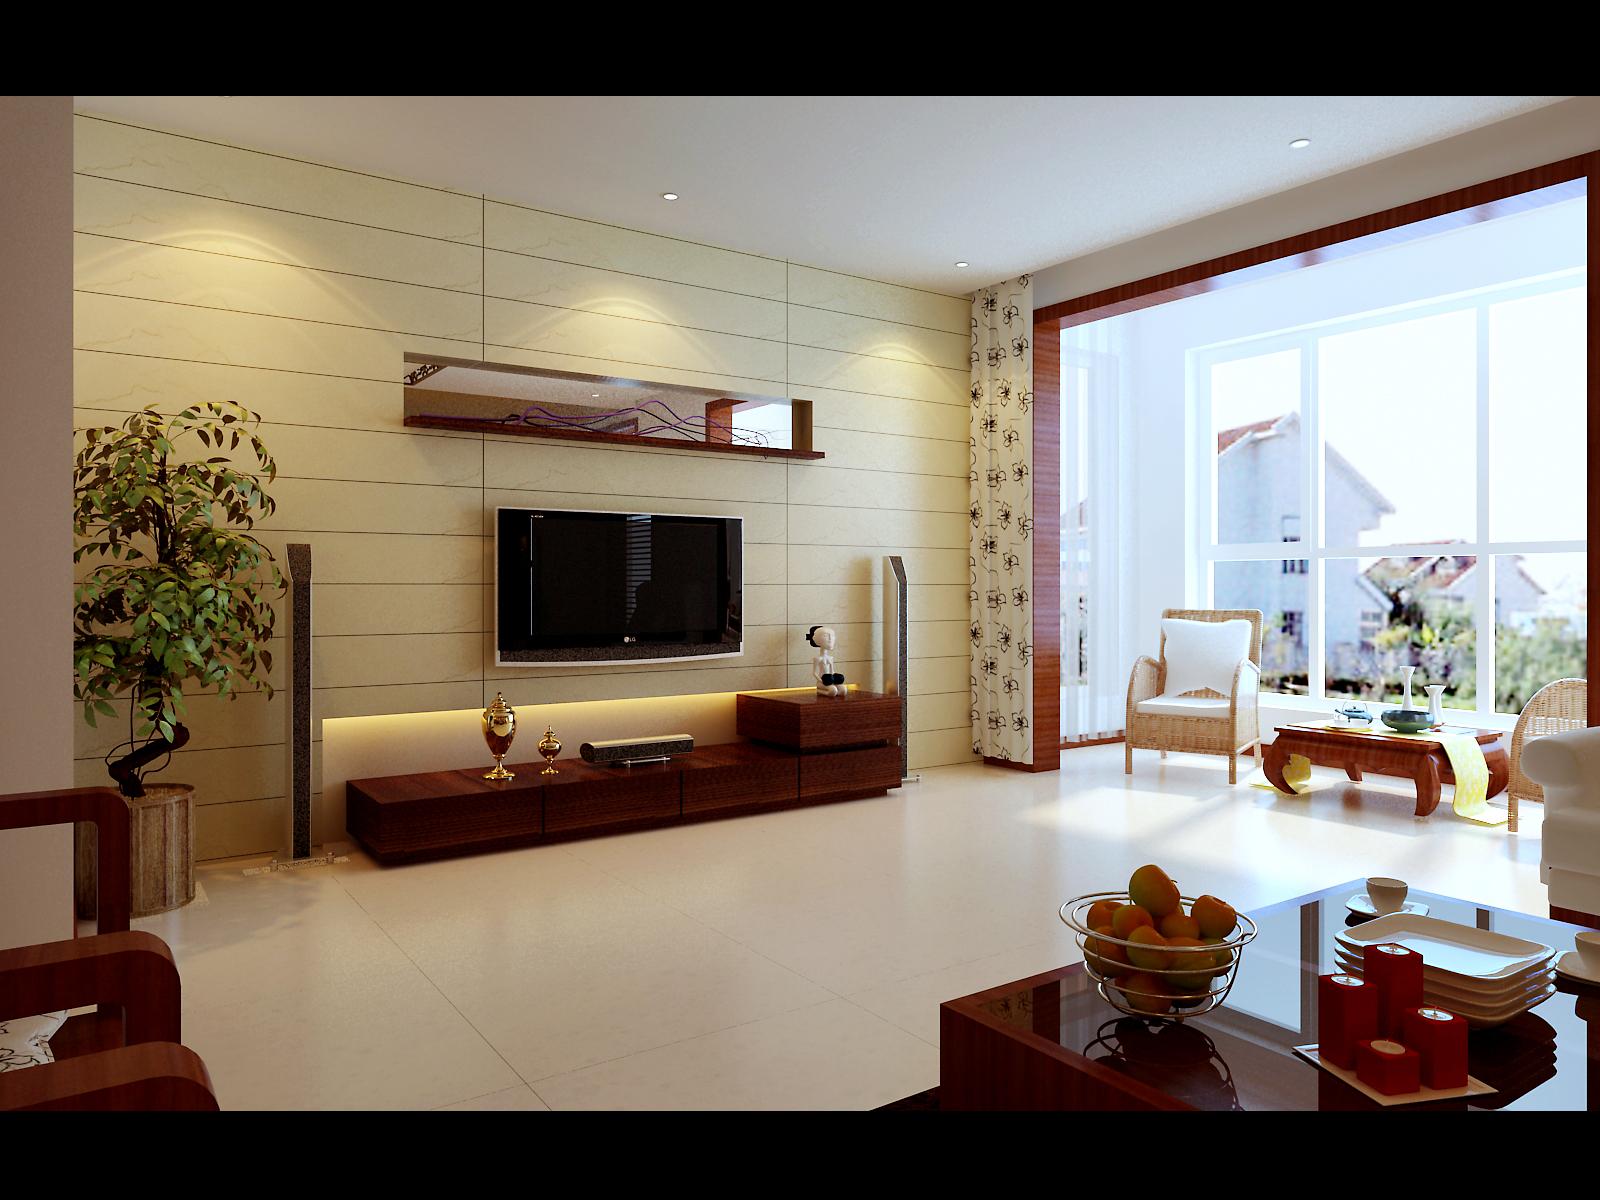 客厅1_3d工作室案例展示_一品威客网